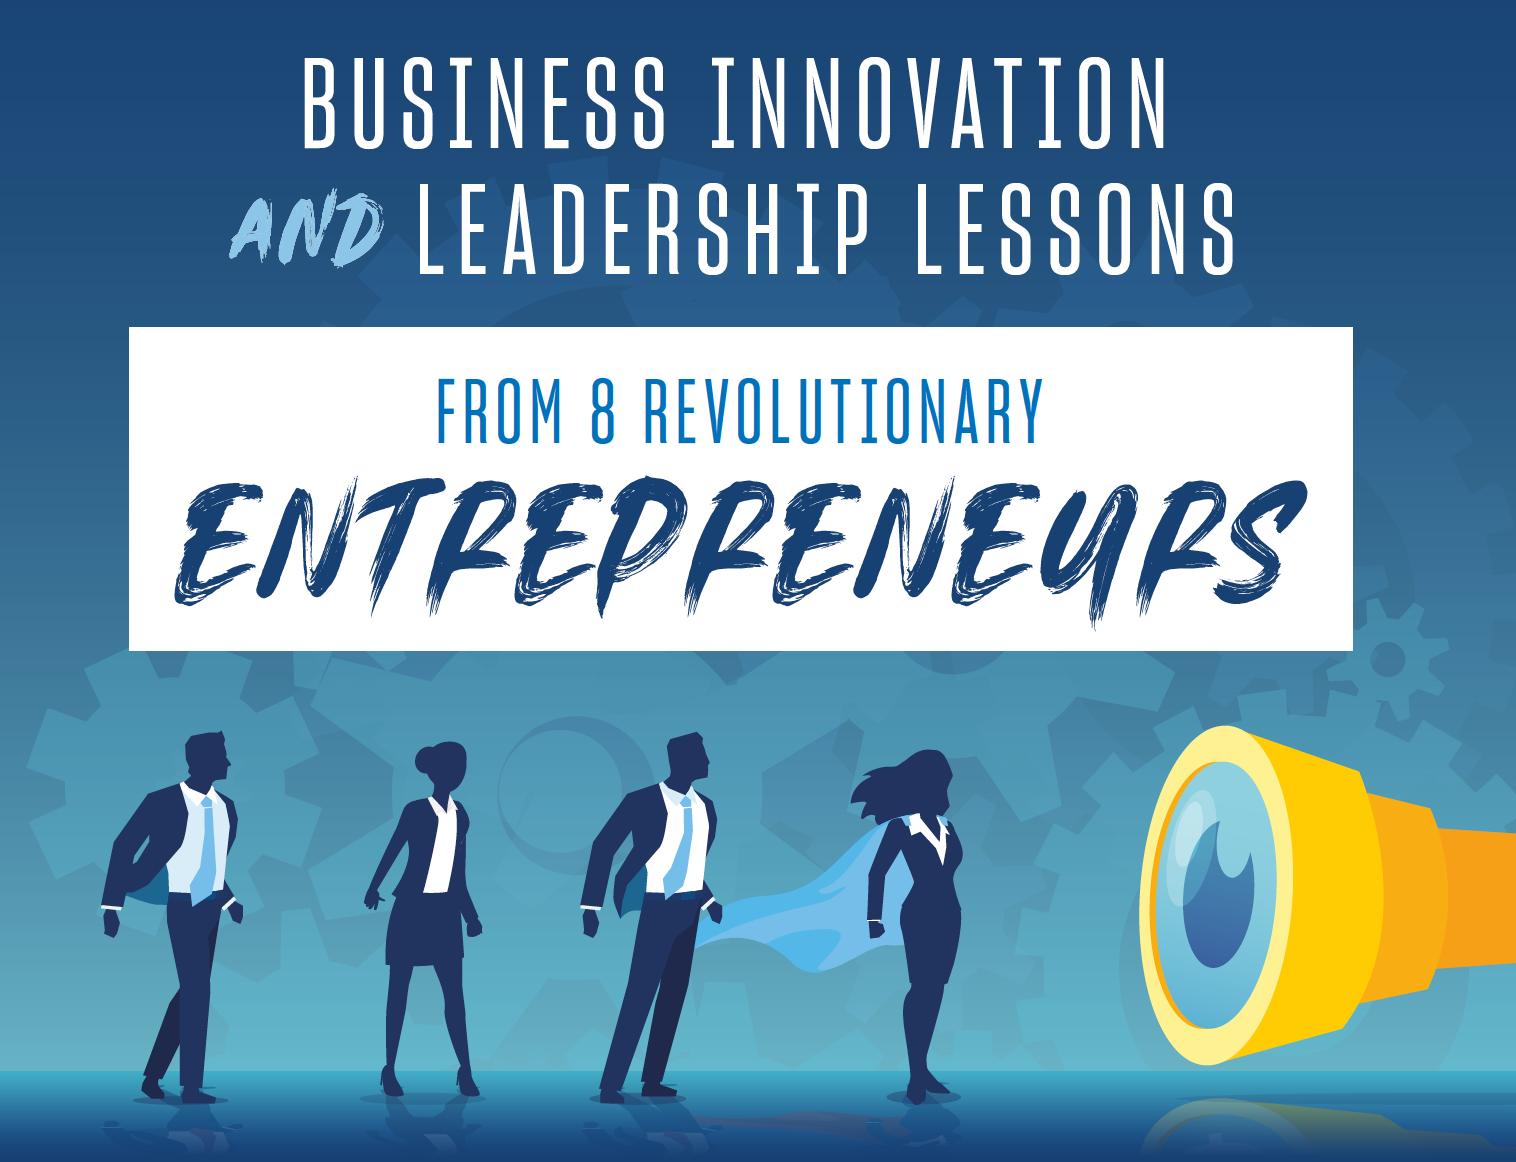 Business Innovation Lessons from 8 Entrepreneurs